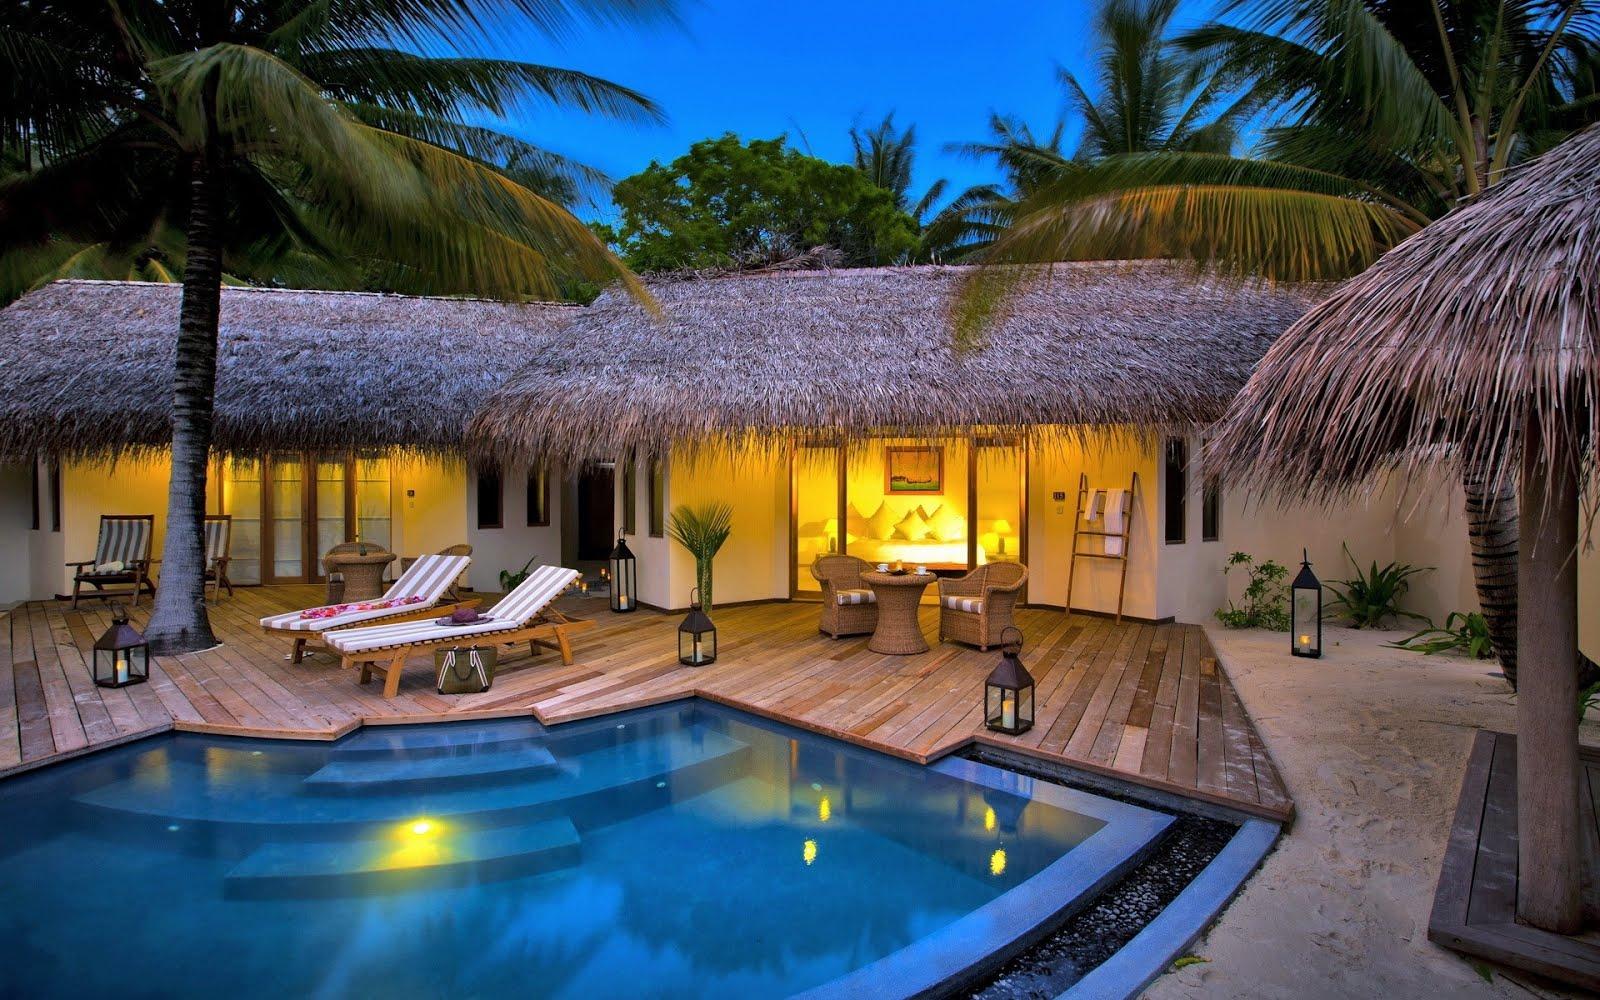 Banco de im genes para ver disfrutar y compartir for Casas de lujo con jardin y piscina